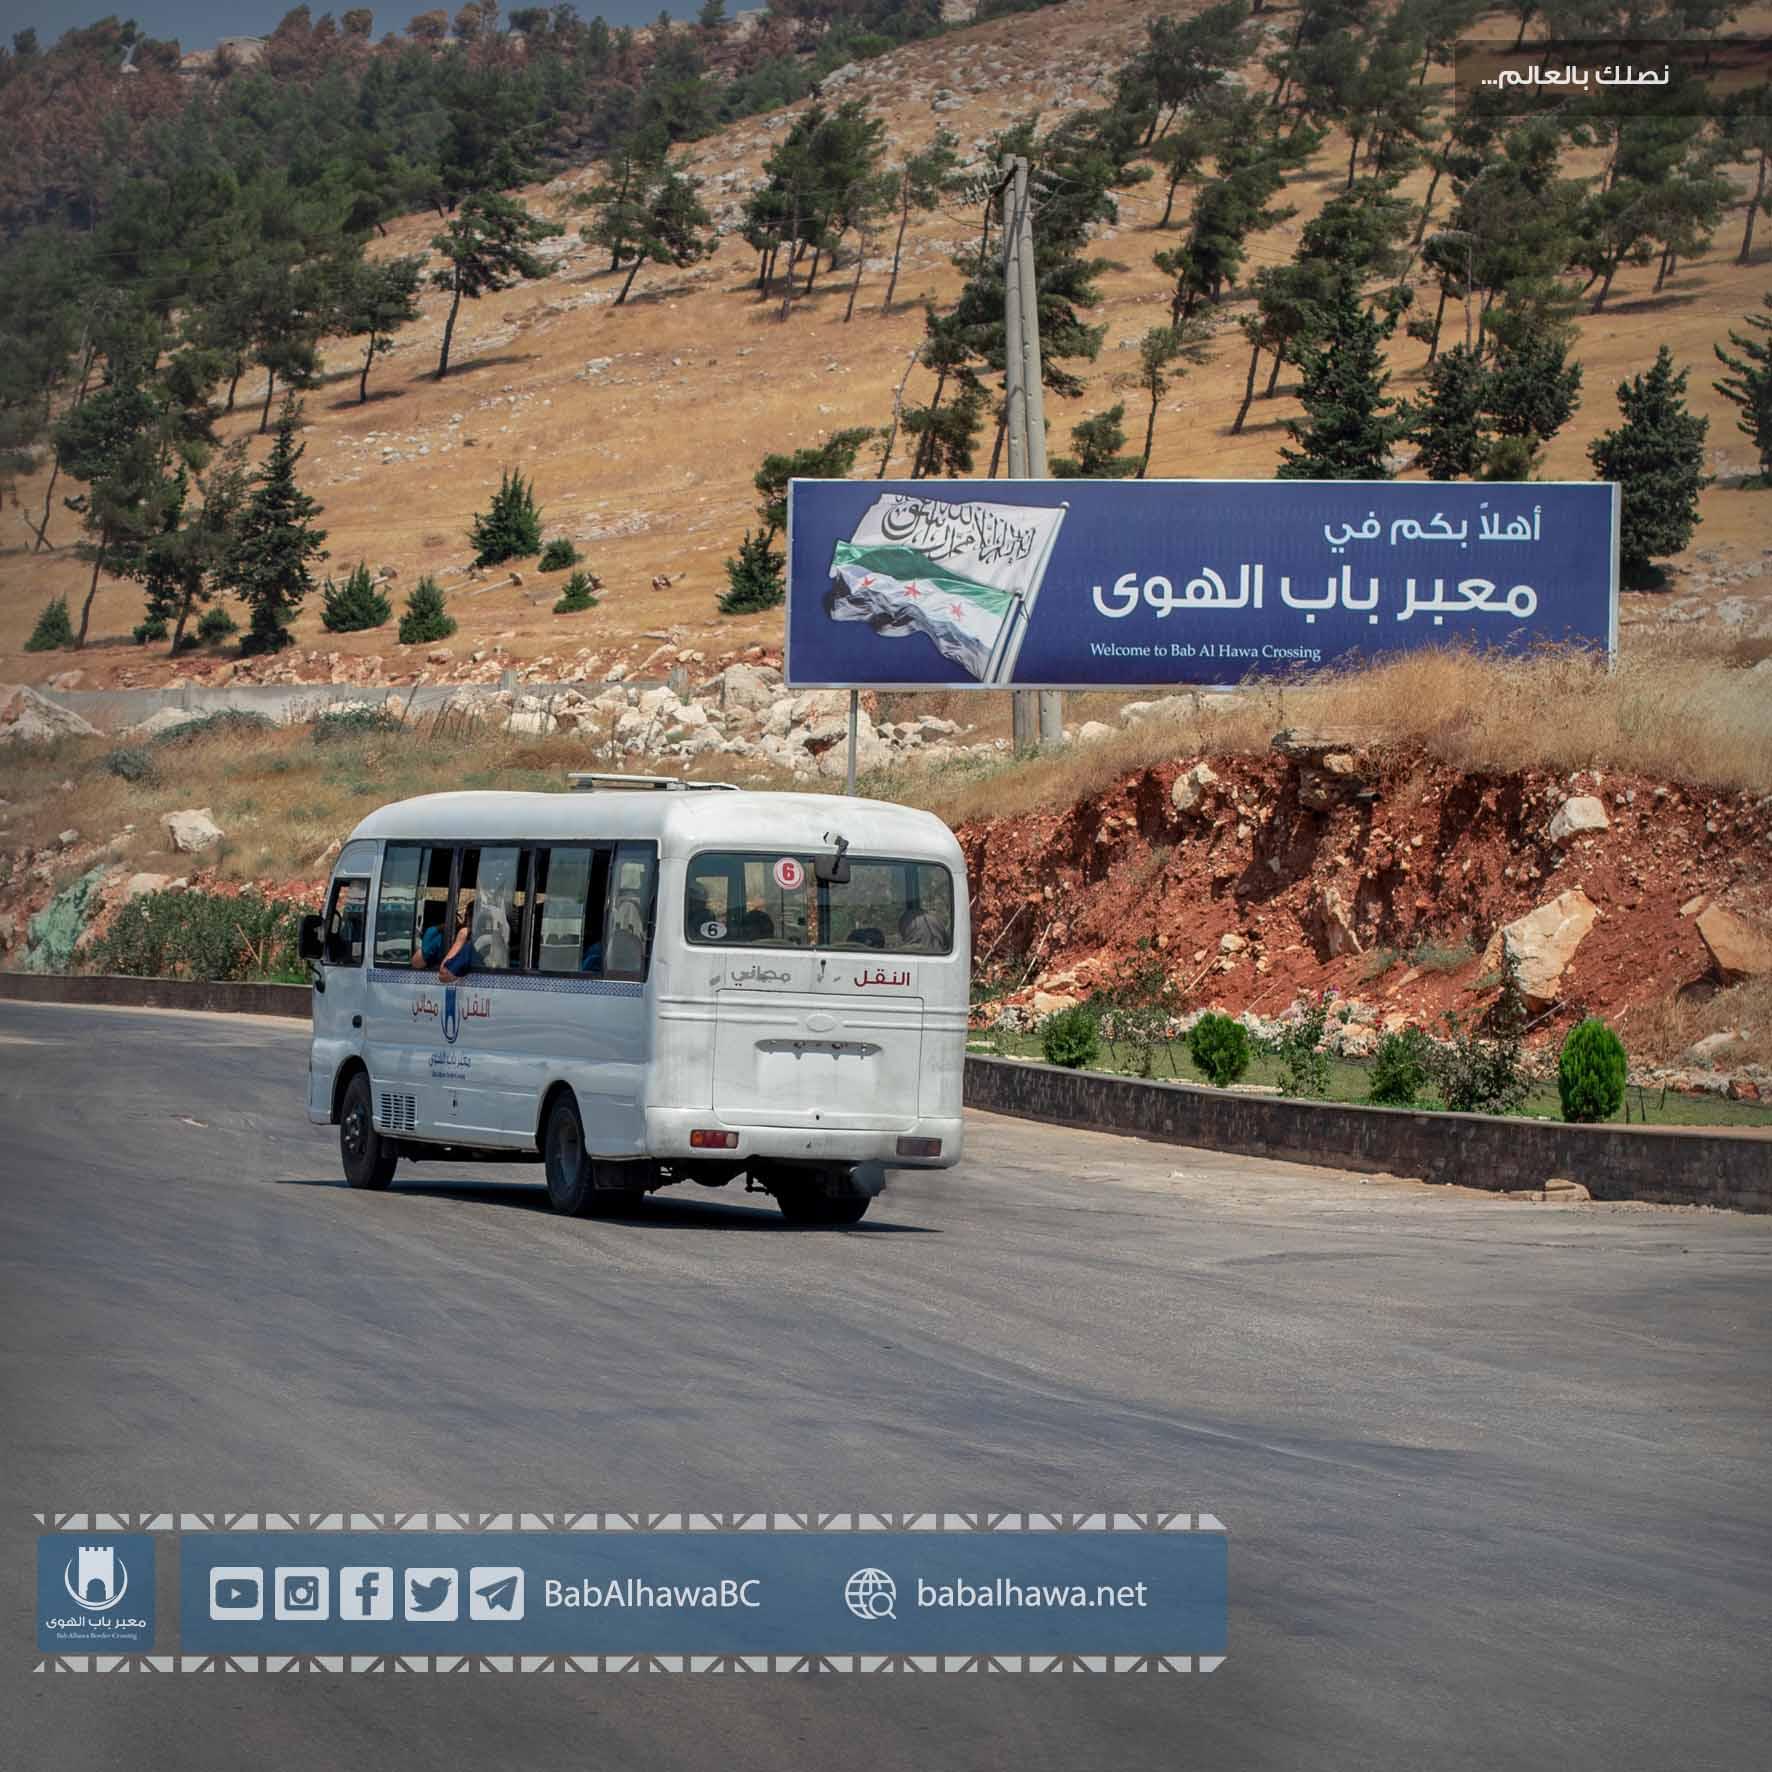 أهلا بكم في معبر باب الهوى - سوريا